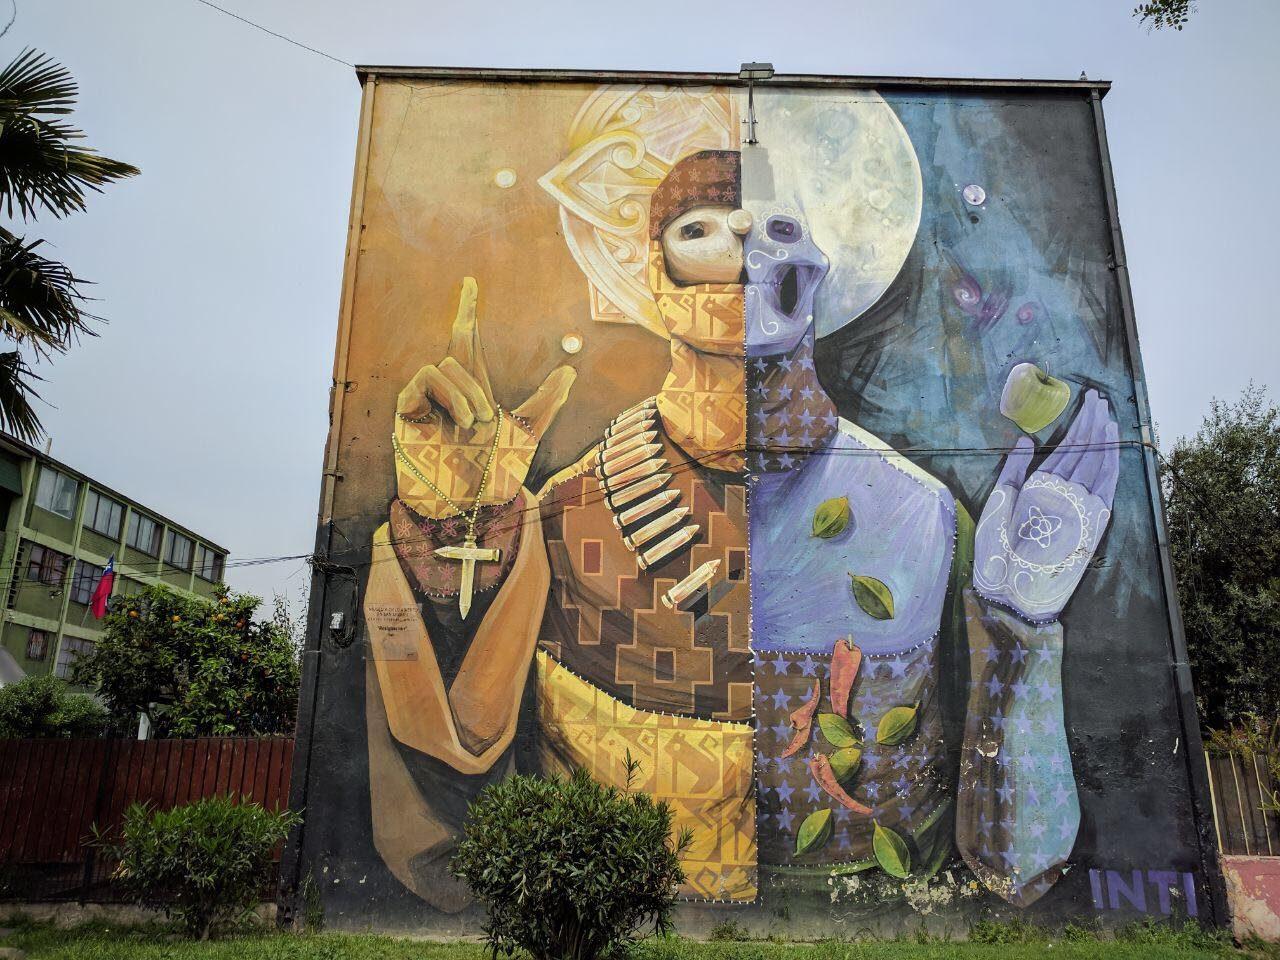 Museo a Cielo Abierto de San Miguel: Arte urbano en estado puro